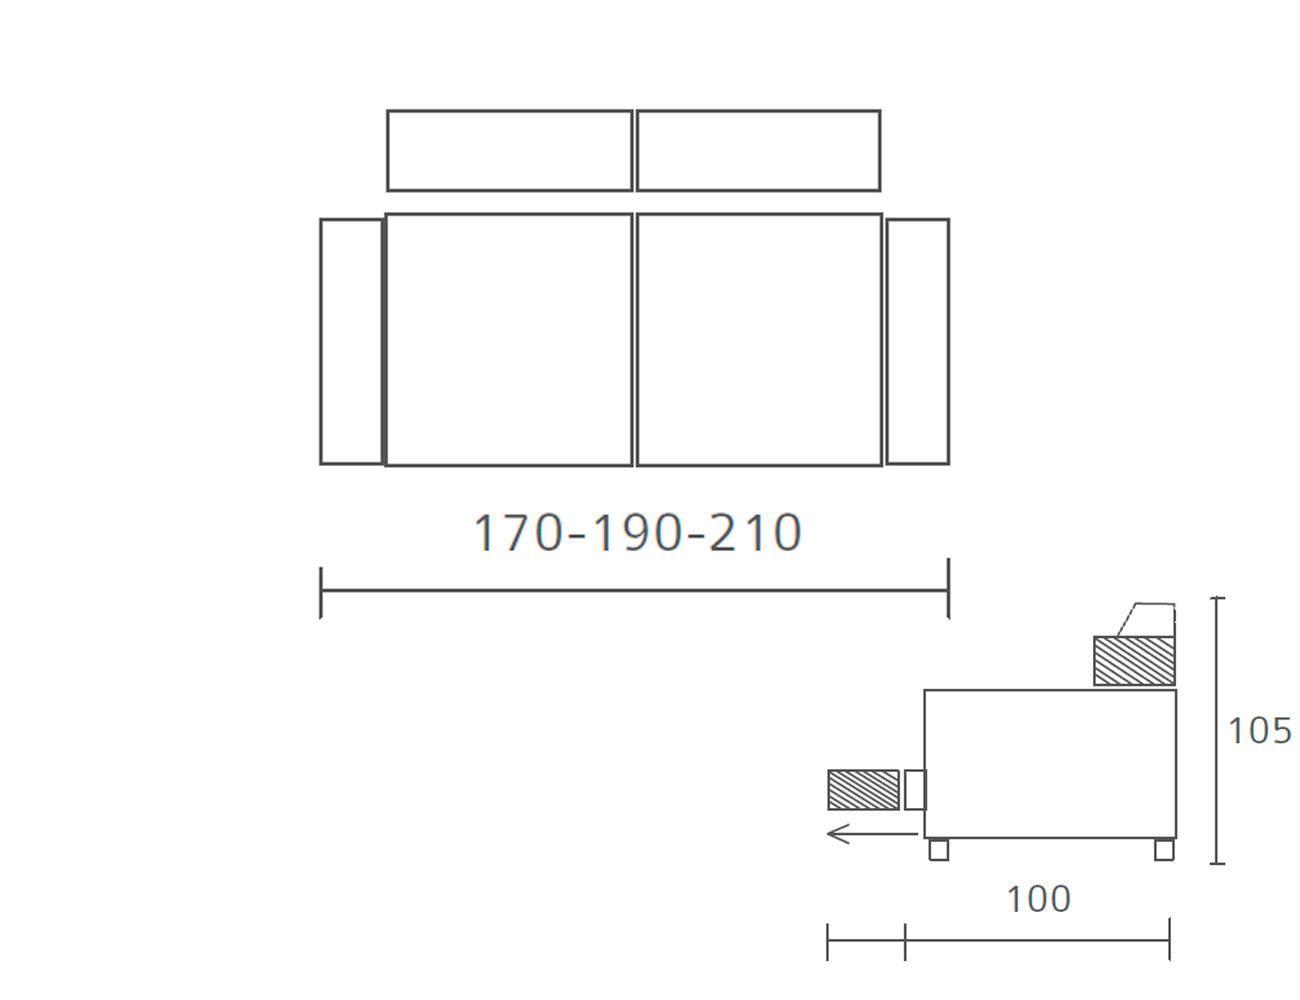 Sofa 120 190 21013